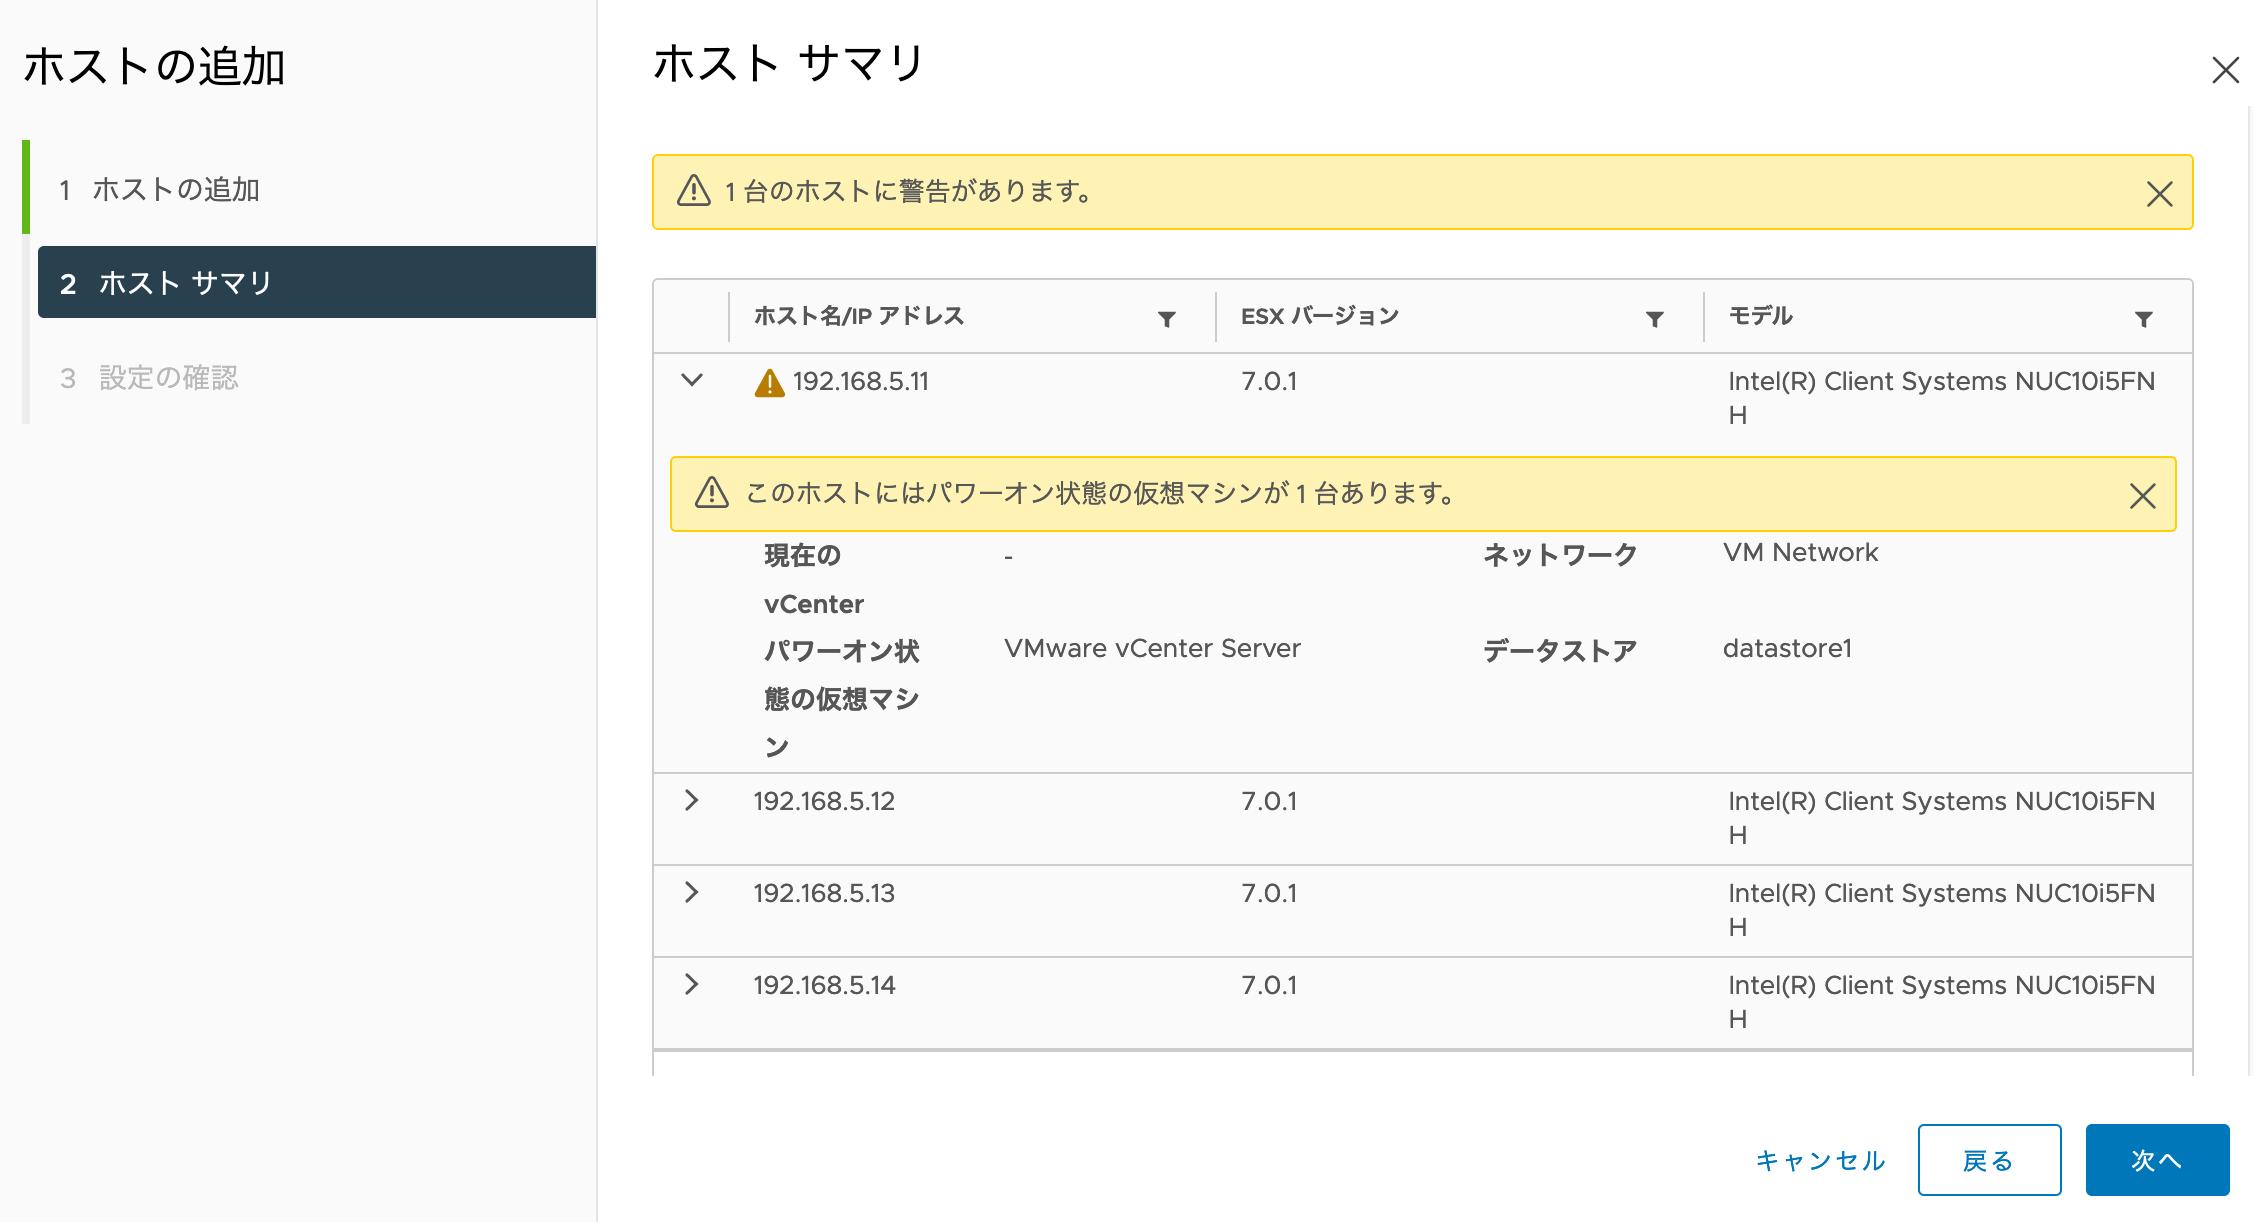 スクリーンショット 2020-12-07 2.32.02.png